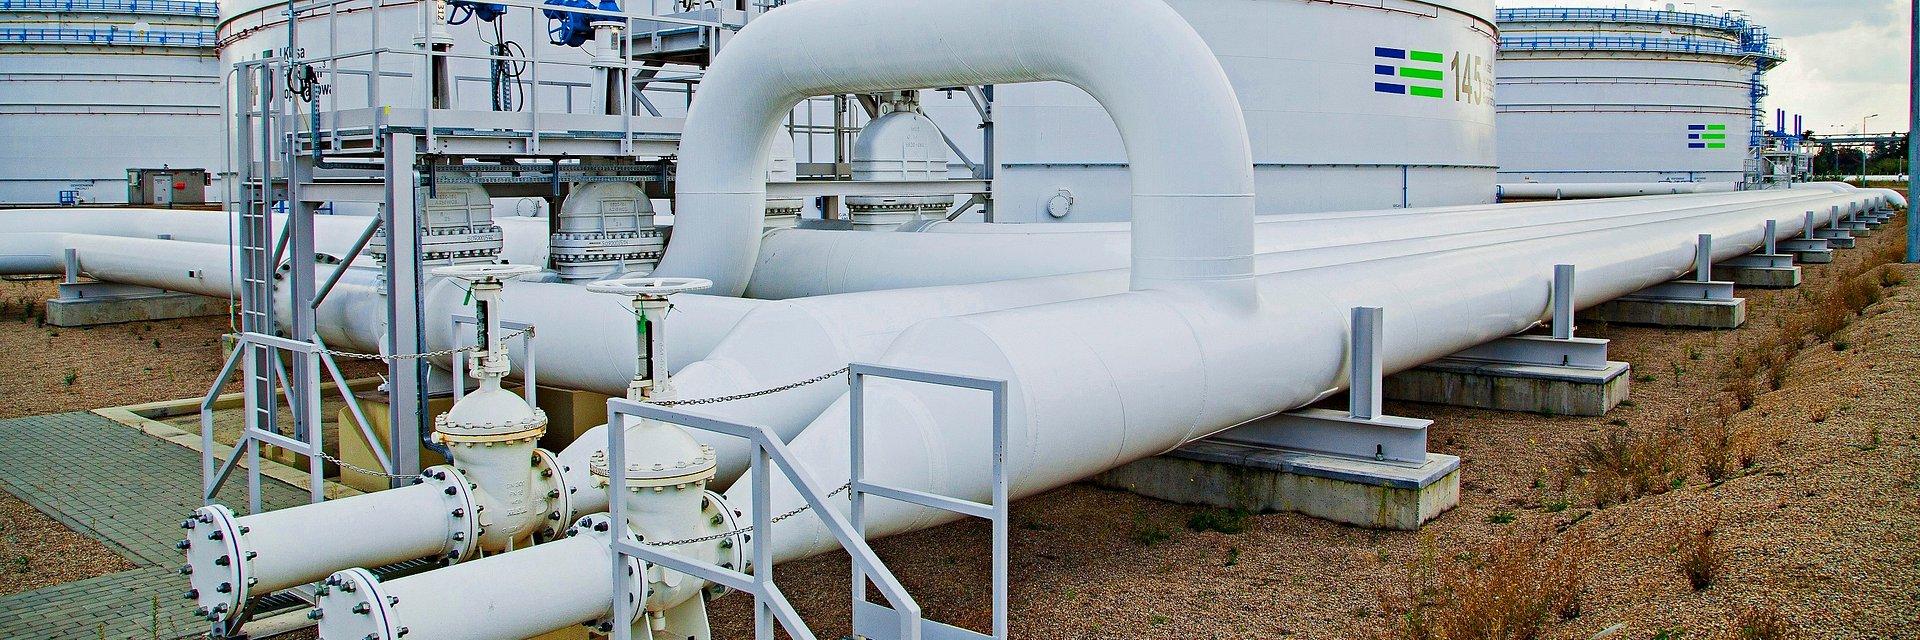 """PERN wykrył skażenie ropy i na kilkanaście godzin wstrzymał tłoczenie rurociągiem """"Przyjaźń"""". Dostawy już wznowione"""